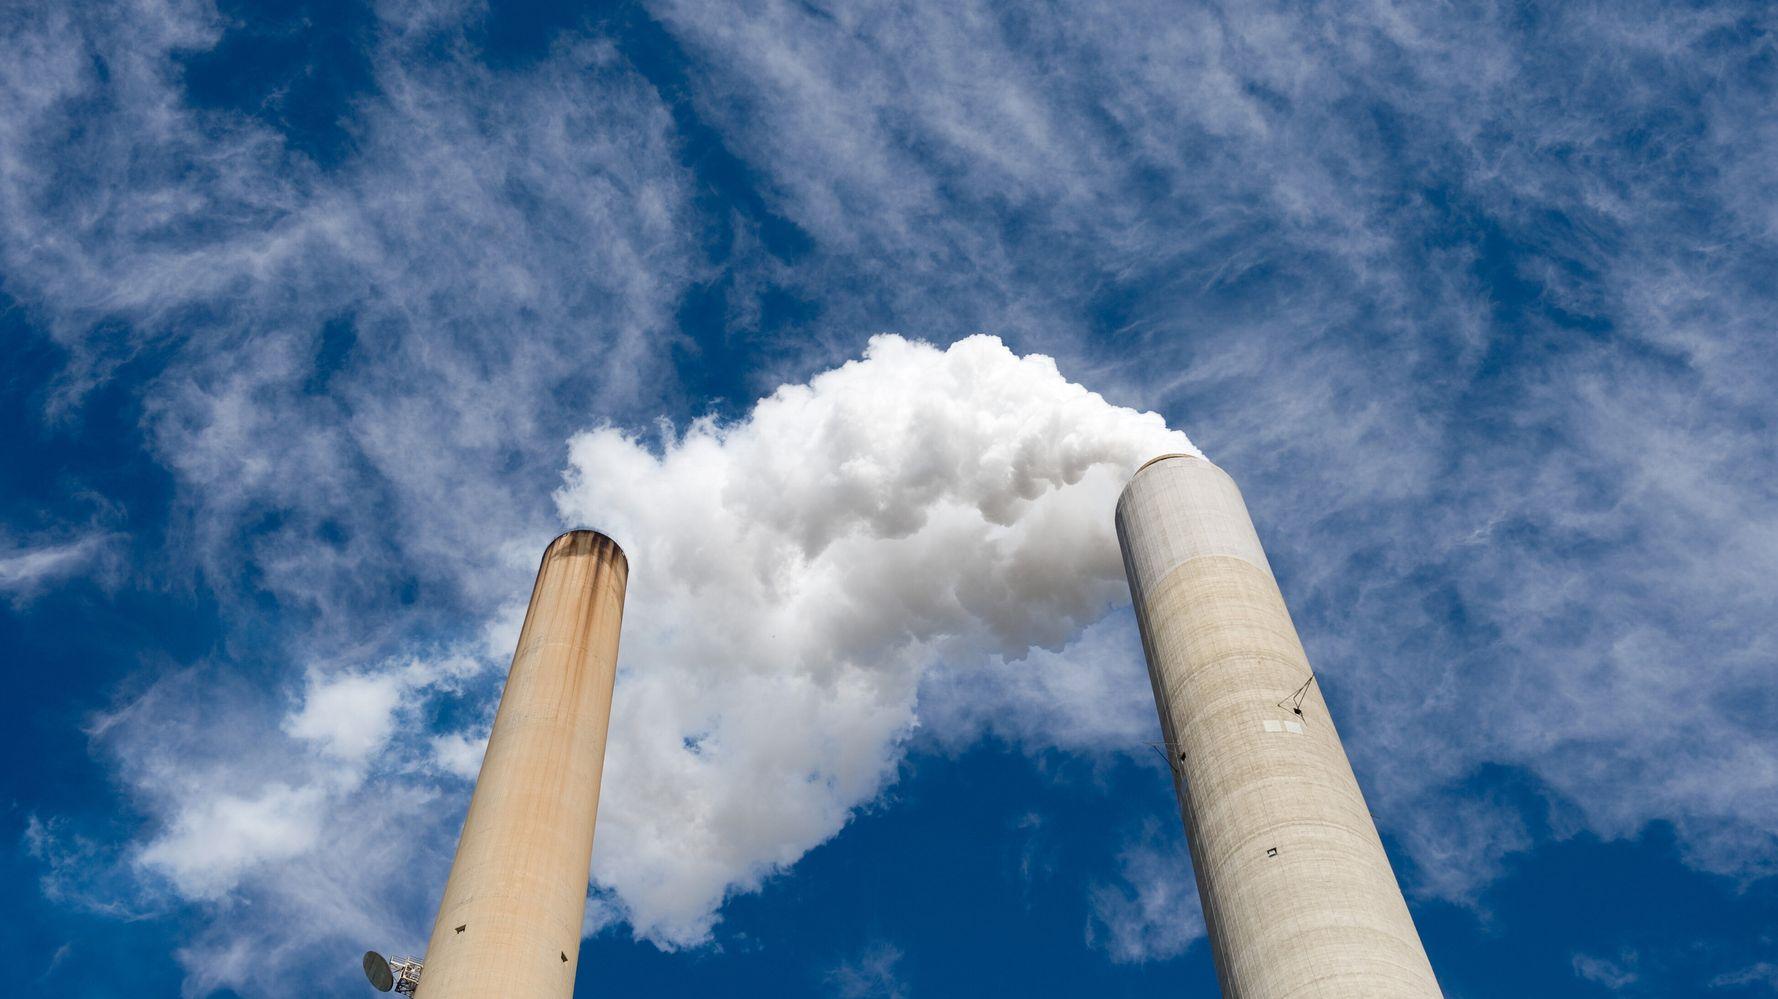 La contaminación del aire por combustibles fósiles está relacionada con 1 de cada 5 muertes en el mundo, según un estudio de New Harvard